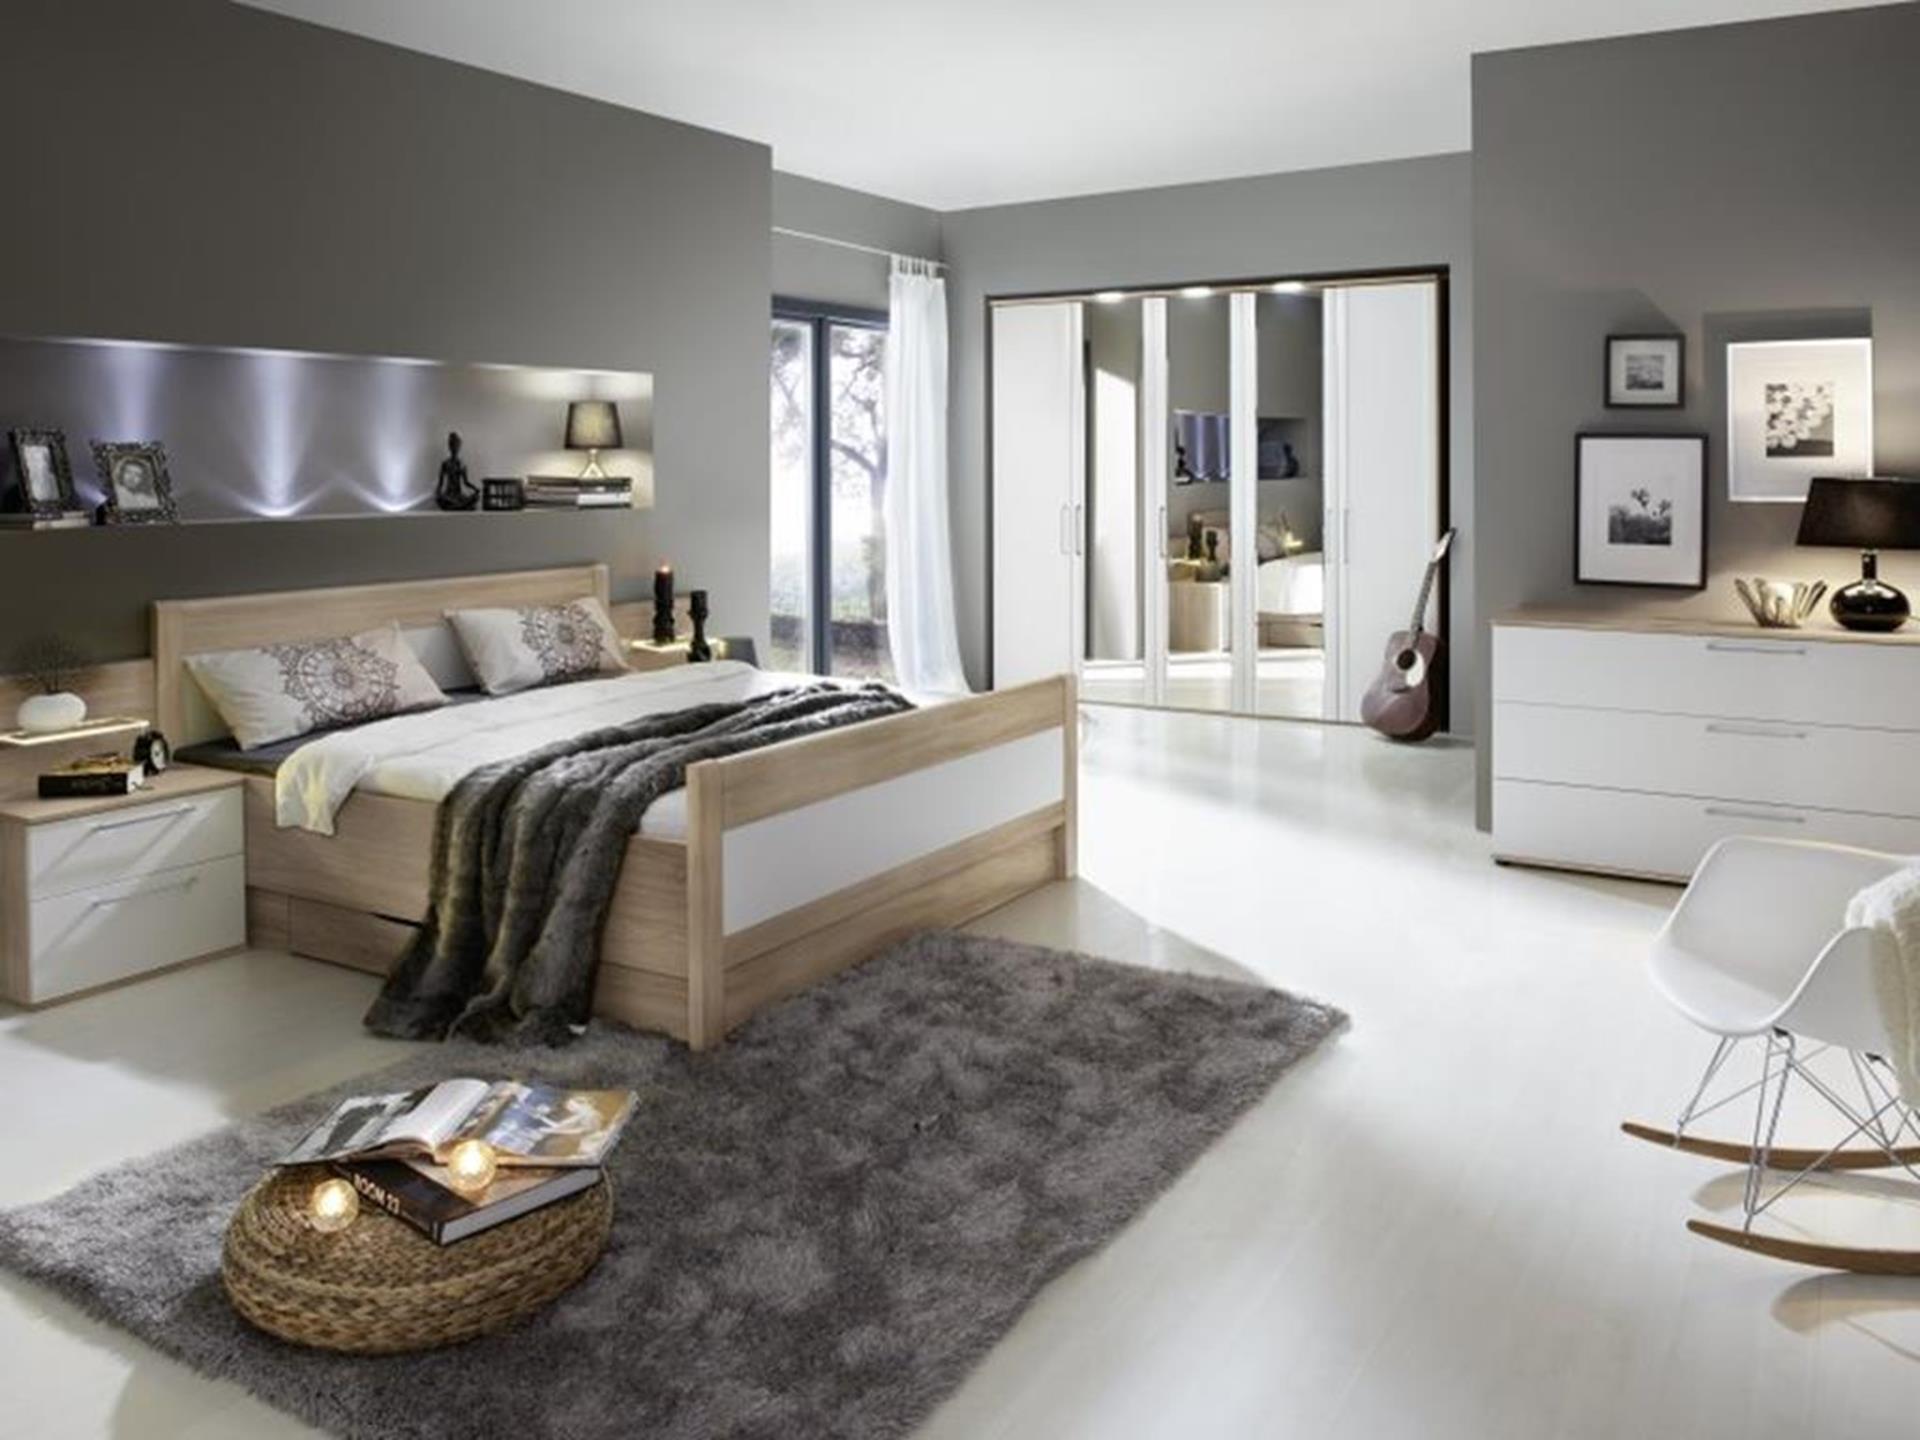 drewniane łóżko w stylowej sypialni